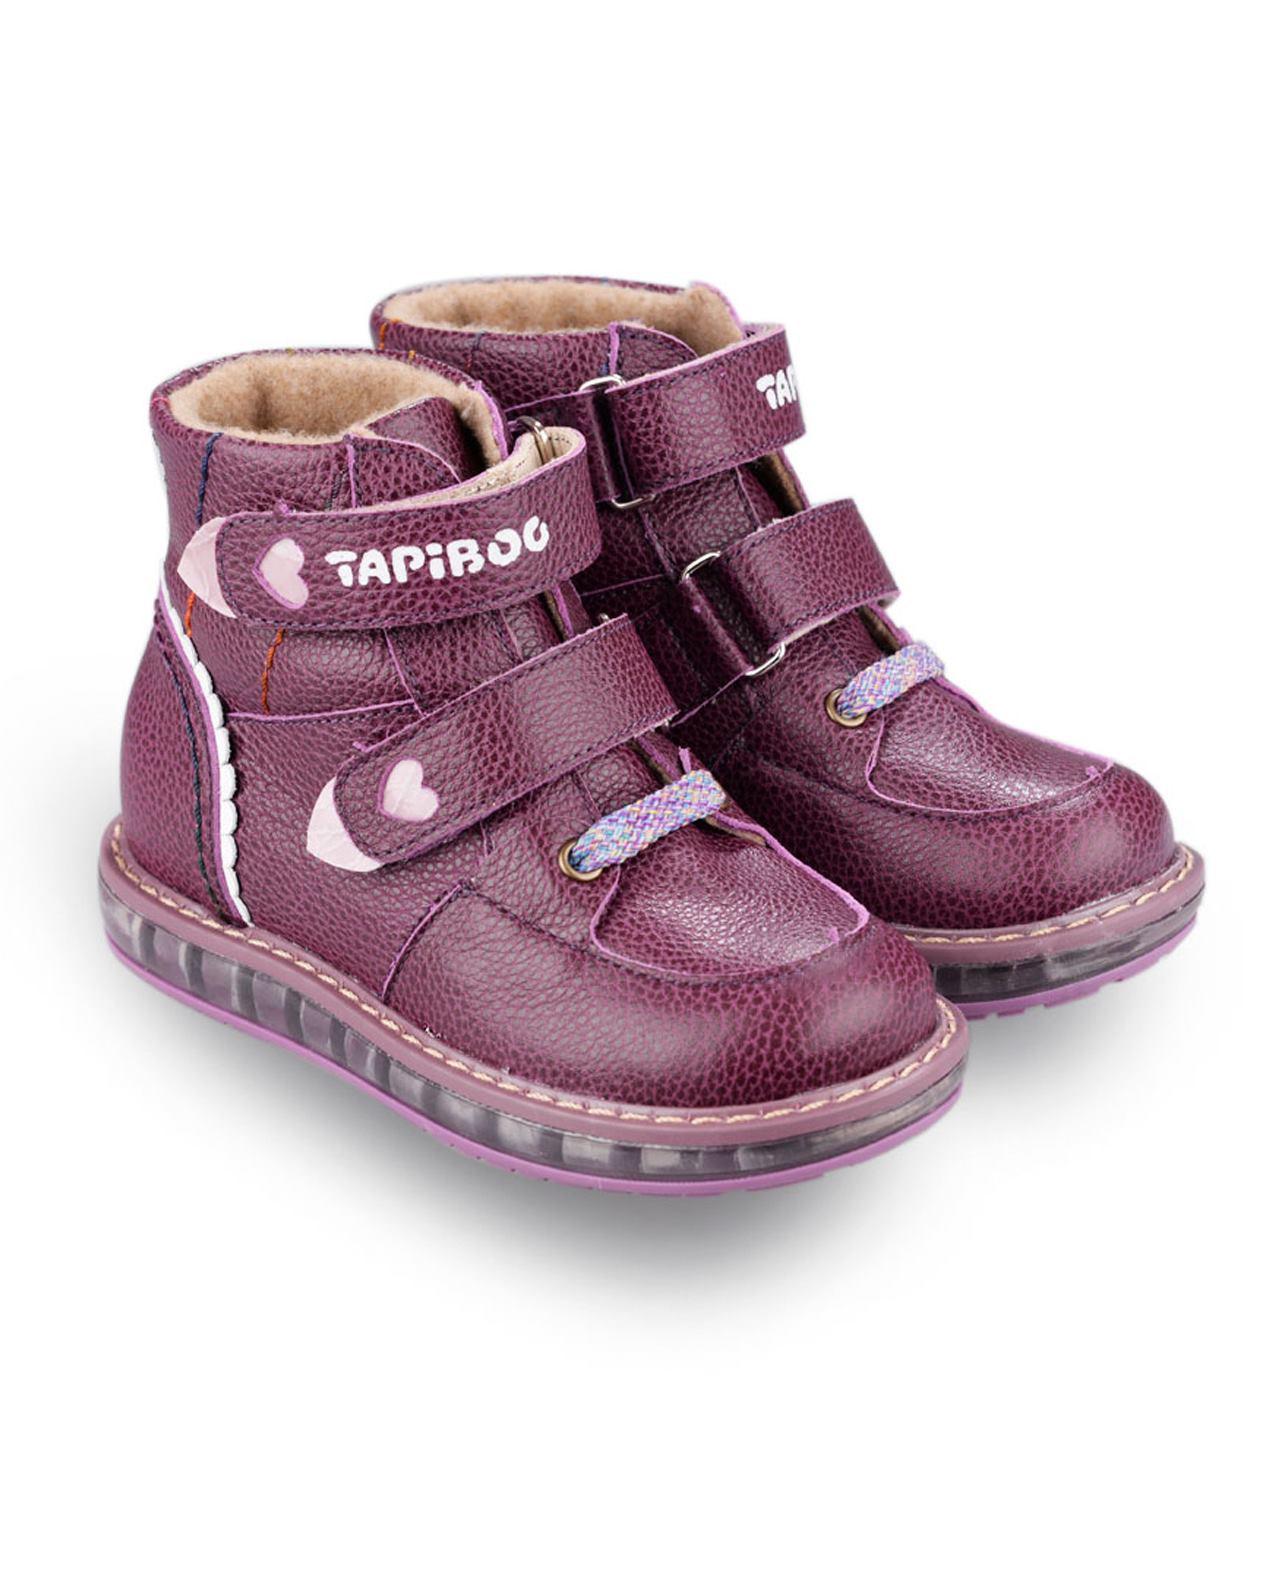 Ботинки Детские, Tapiboo Смородина (42135, 33 )Демисезонные<br>Ботинки утепленные. Многослойная, анатомическая <br>стелька для правильного формирования стопы. <br>Жесткий фиксирующий задник с удлиненным <br>крылом надежно стабилизирует голеностопный <br>сустав во время ходьбы. Упругая, умеренно-эластичная <br>подошва, имеющая перекат позволяющий повторить <br>естественное движение стопы при ходьбе <br>для правильного распределения нагрузки <br>на опорно-двигательный аппарат ребенка. <br>Подкладка из байки LANATEX поддерживает комфортную <br>температуру внутри обуви при погодных условиях <br>от +5 до -5 градусов. Застежки типа «велкро» <br>позволяют оптимально подогнать полноту <br>обуви по ноге ребенка (большой подъем или <br>вложение специальных вкладных ортопедических <br>приспособлений), обеспечивая при этом оптимальную <br>фиксацию стопы.<br>Размер INT: M; Цвет: Красный; Ширина: 100; Высота: 200; Вес: 1000;